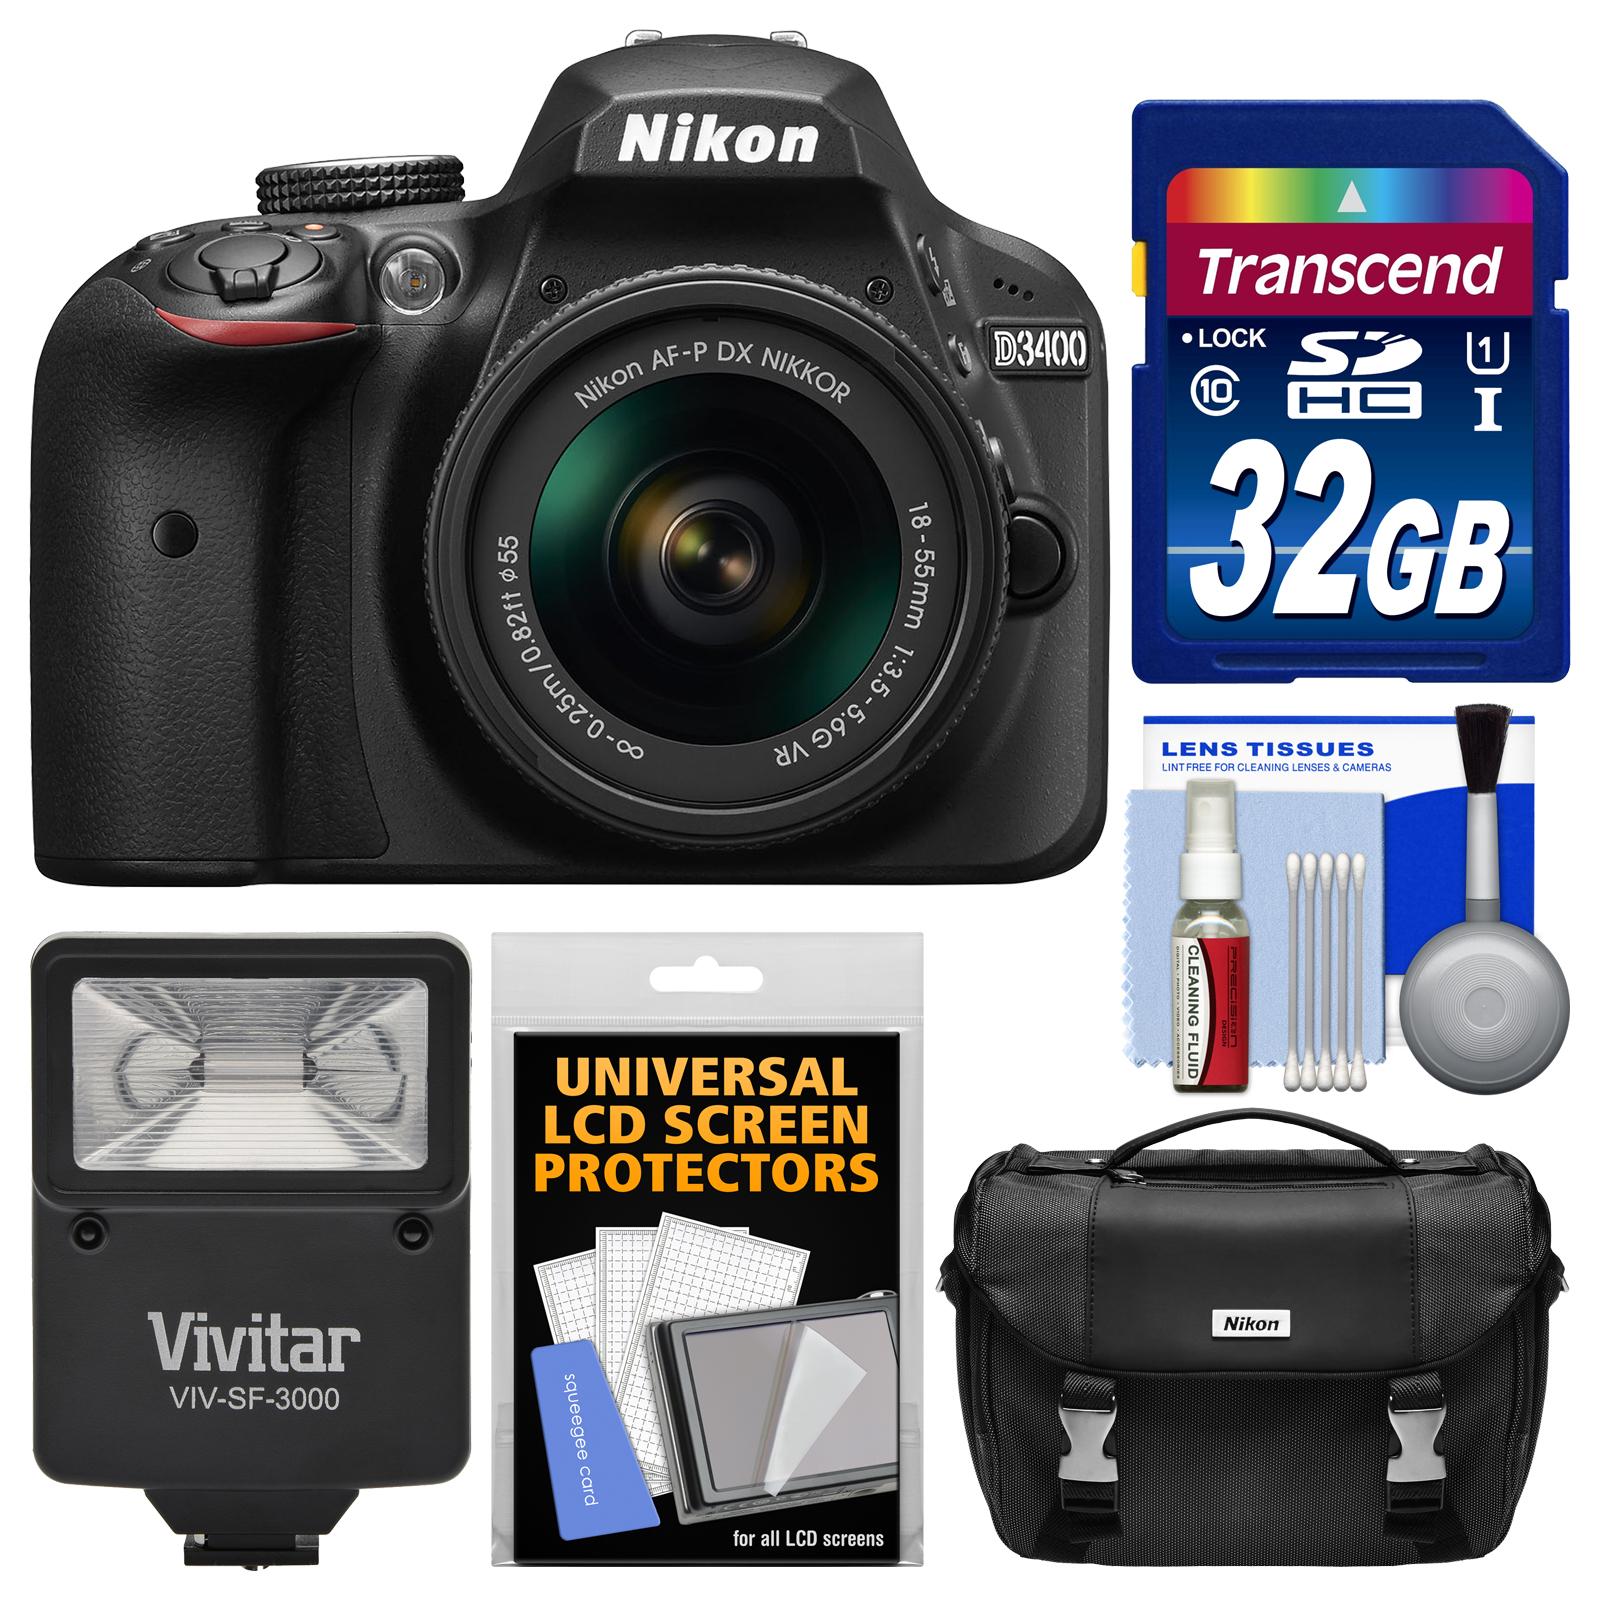 Nikon D3400 Digital SLR Camera & 18-55mm VR DX AF-P Zoom Lens (Black) - Refurbished with 32GB Card + Case + Flash + Kit